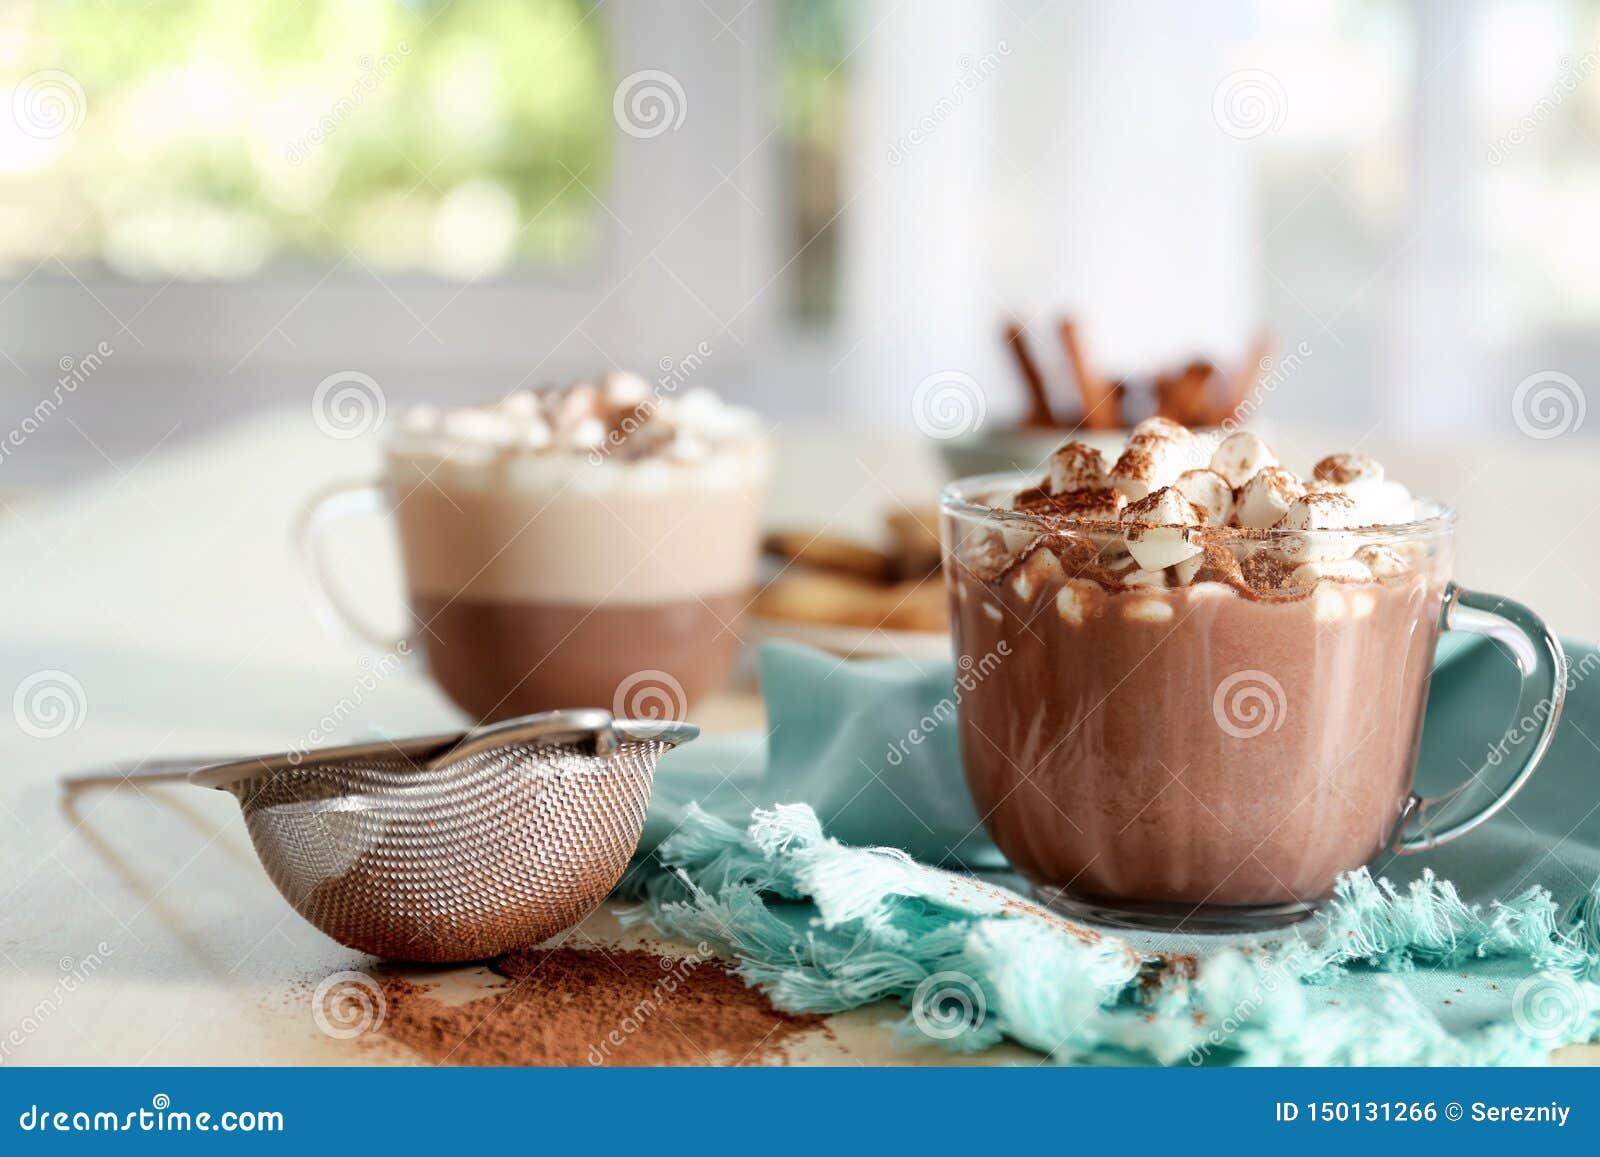 Tazza con la bevanda calda con le caramelle gommosa e molle e la polvere di cacao sulla tavola